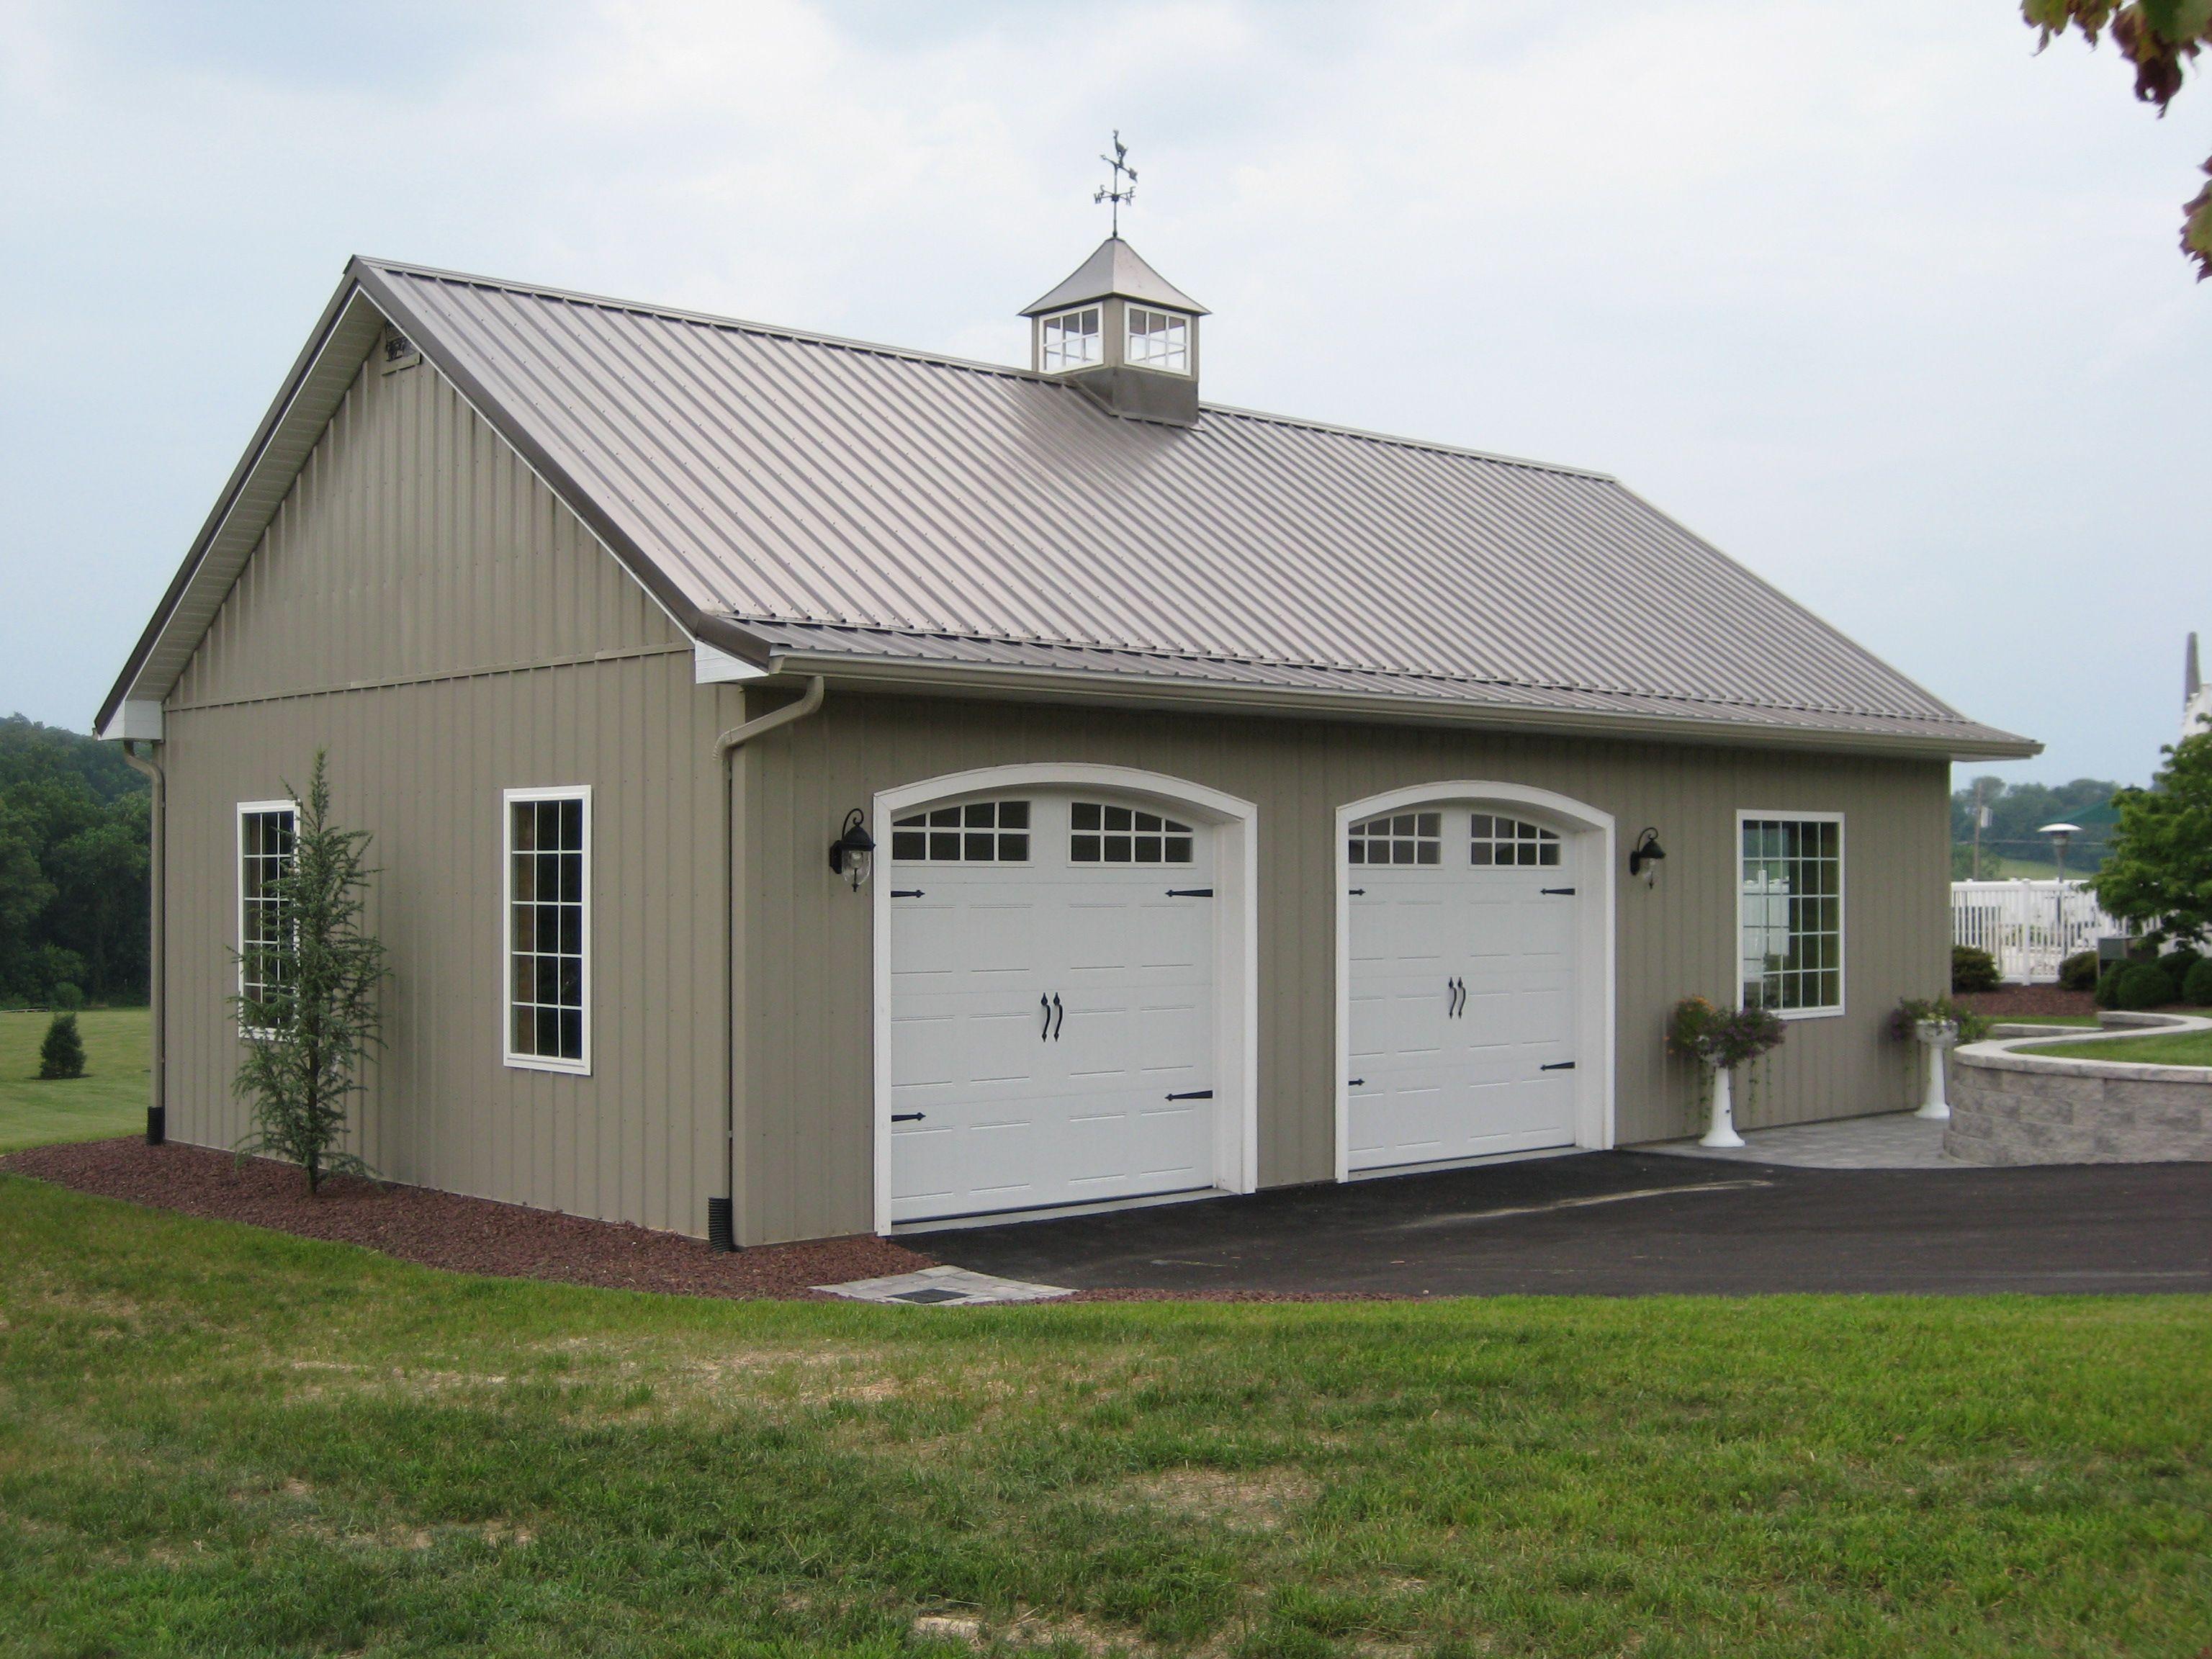 Best 25 Pole barn garage ideas on Pinterest  Pole barns Barn garage and Barn shop